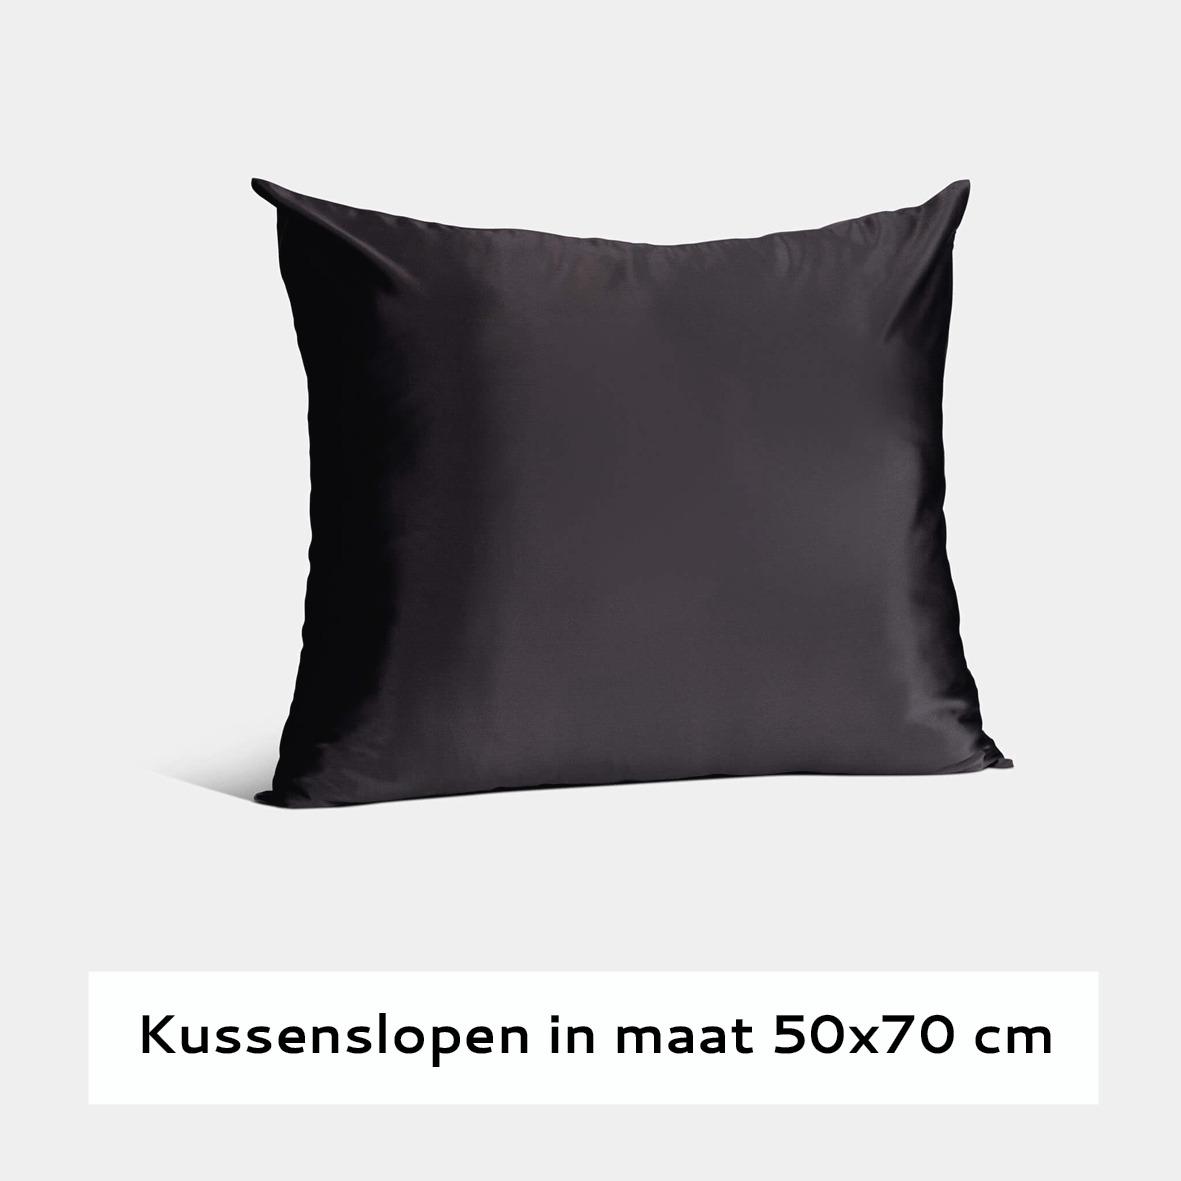 50x70 kussensloop